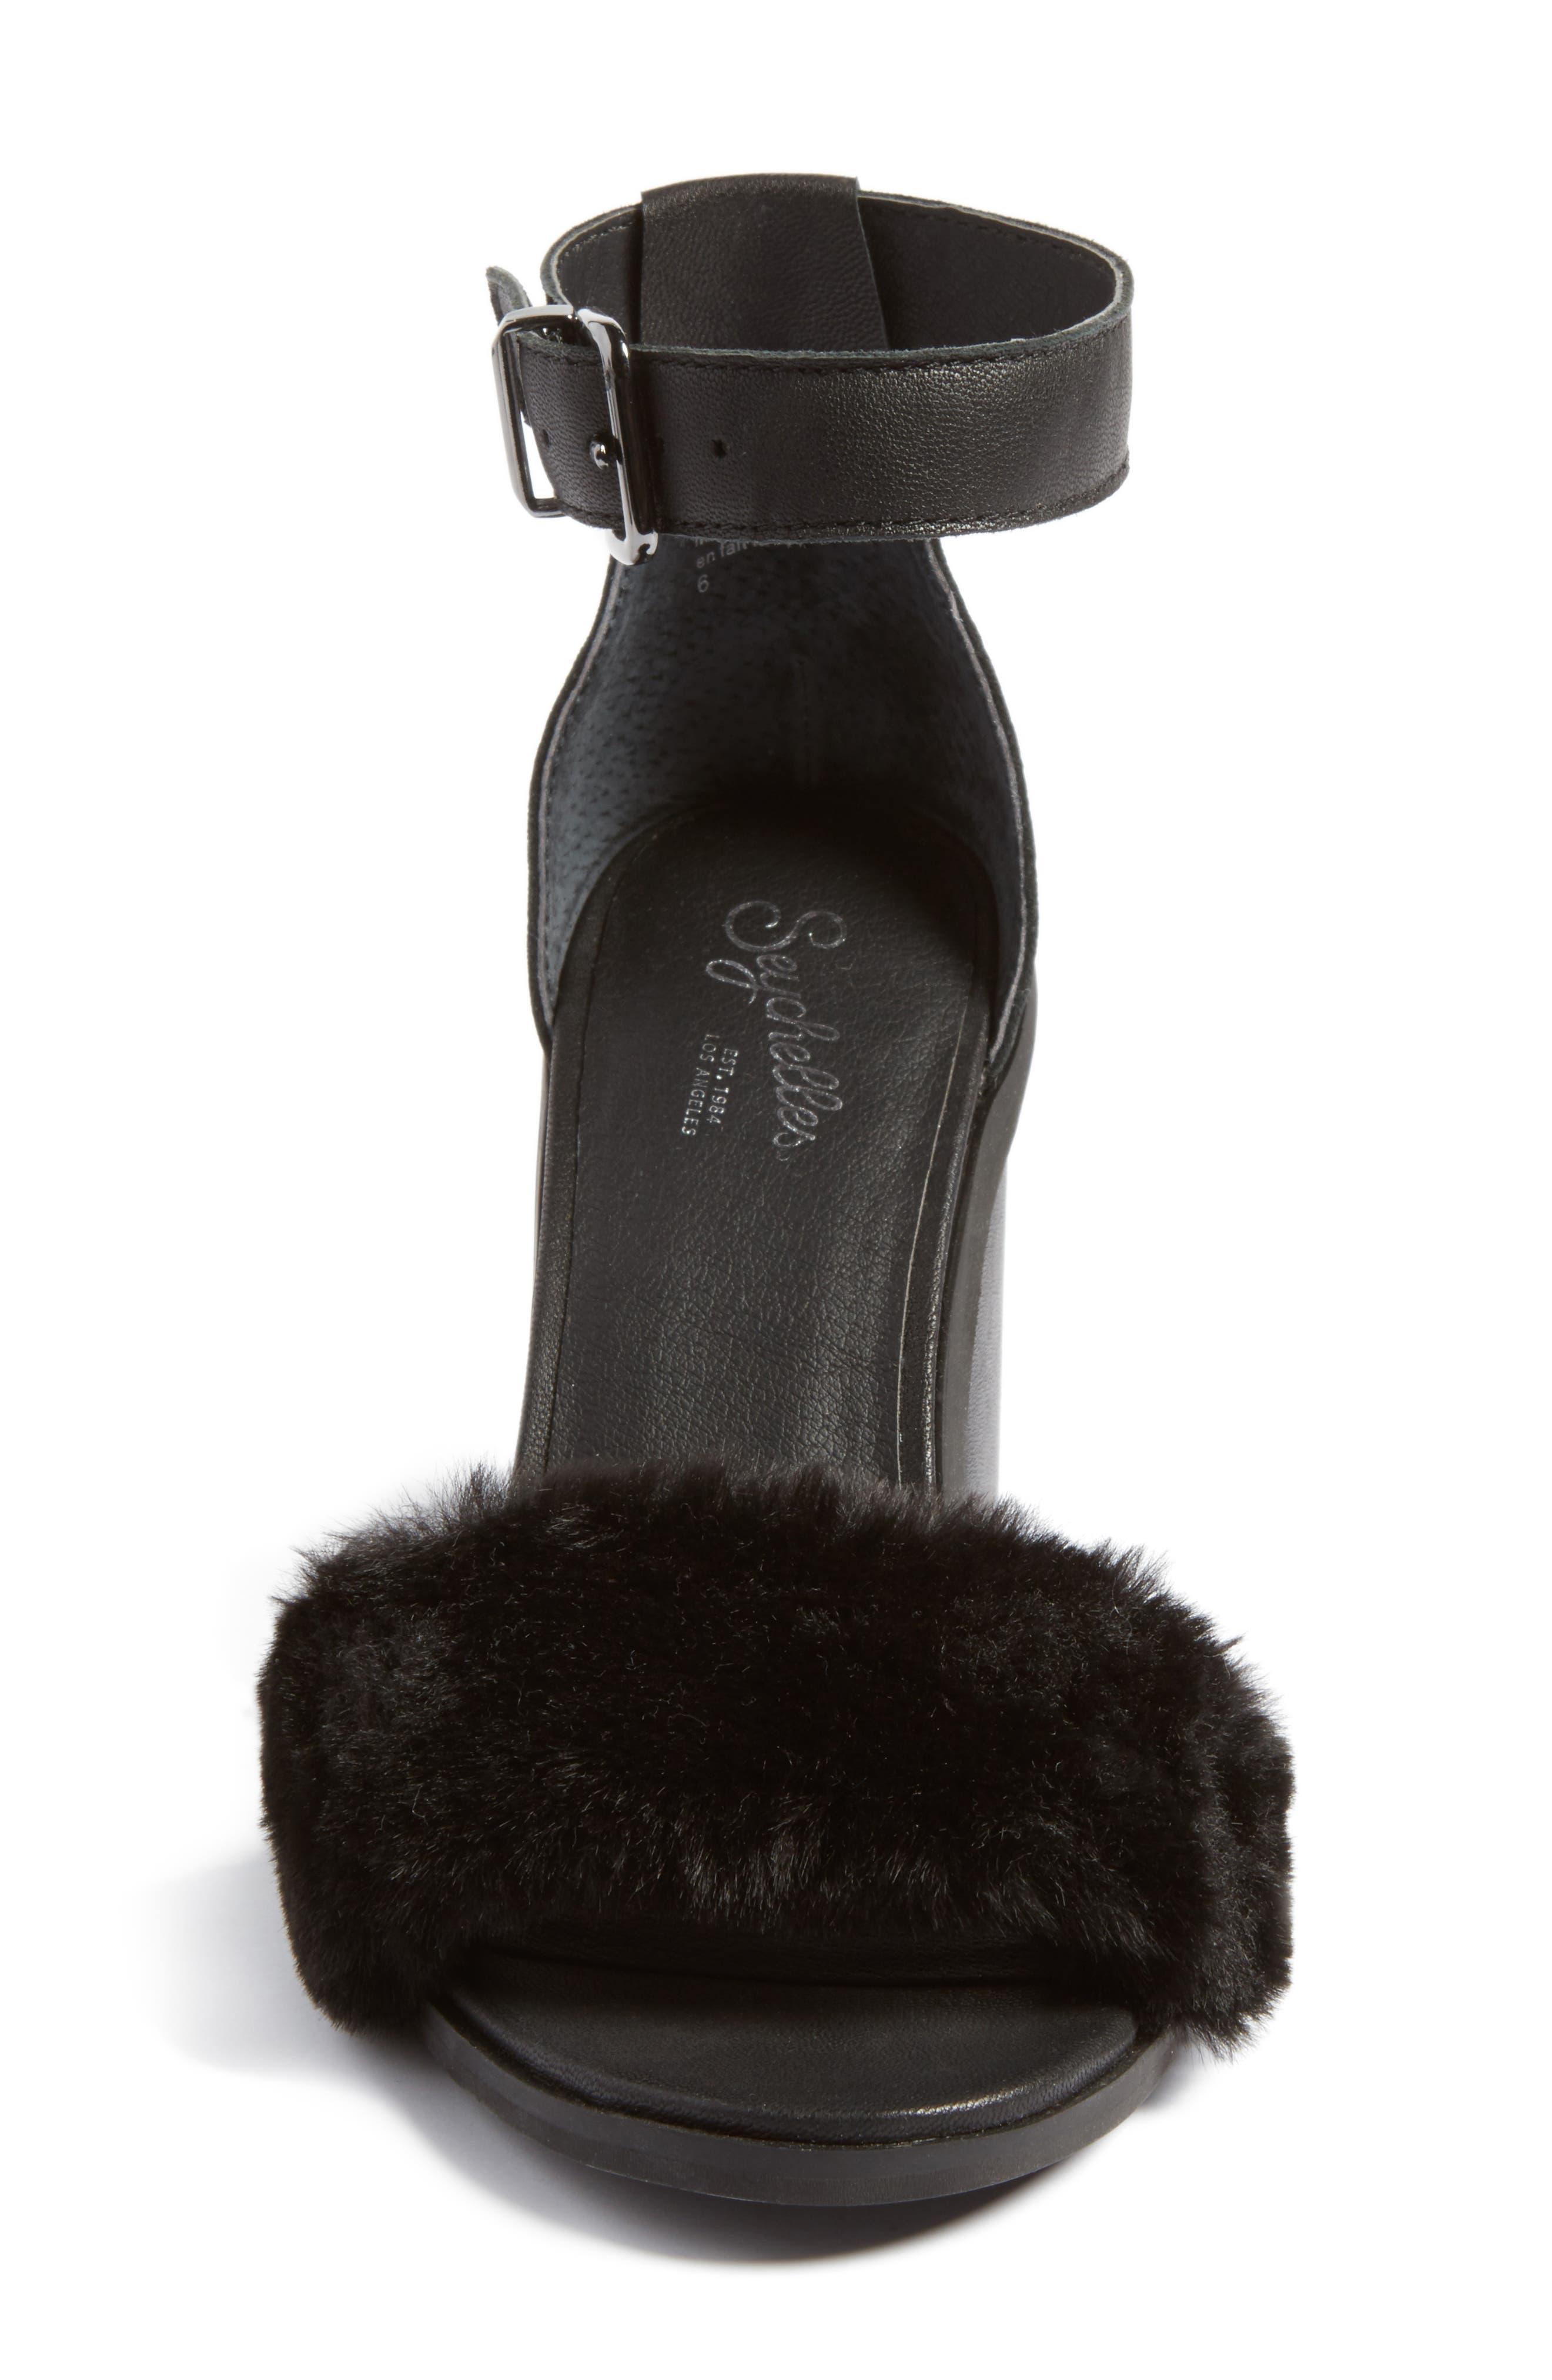 Faux Fur Ankle Strap Sandal,                             Alternate thumbnail 4, color,                             Black Faux Fur Leather